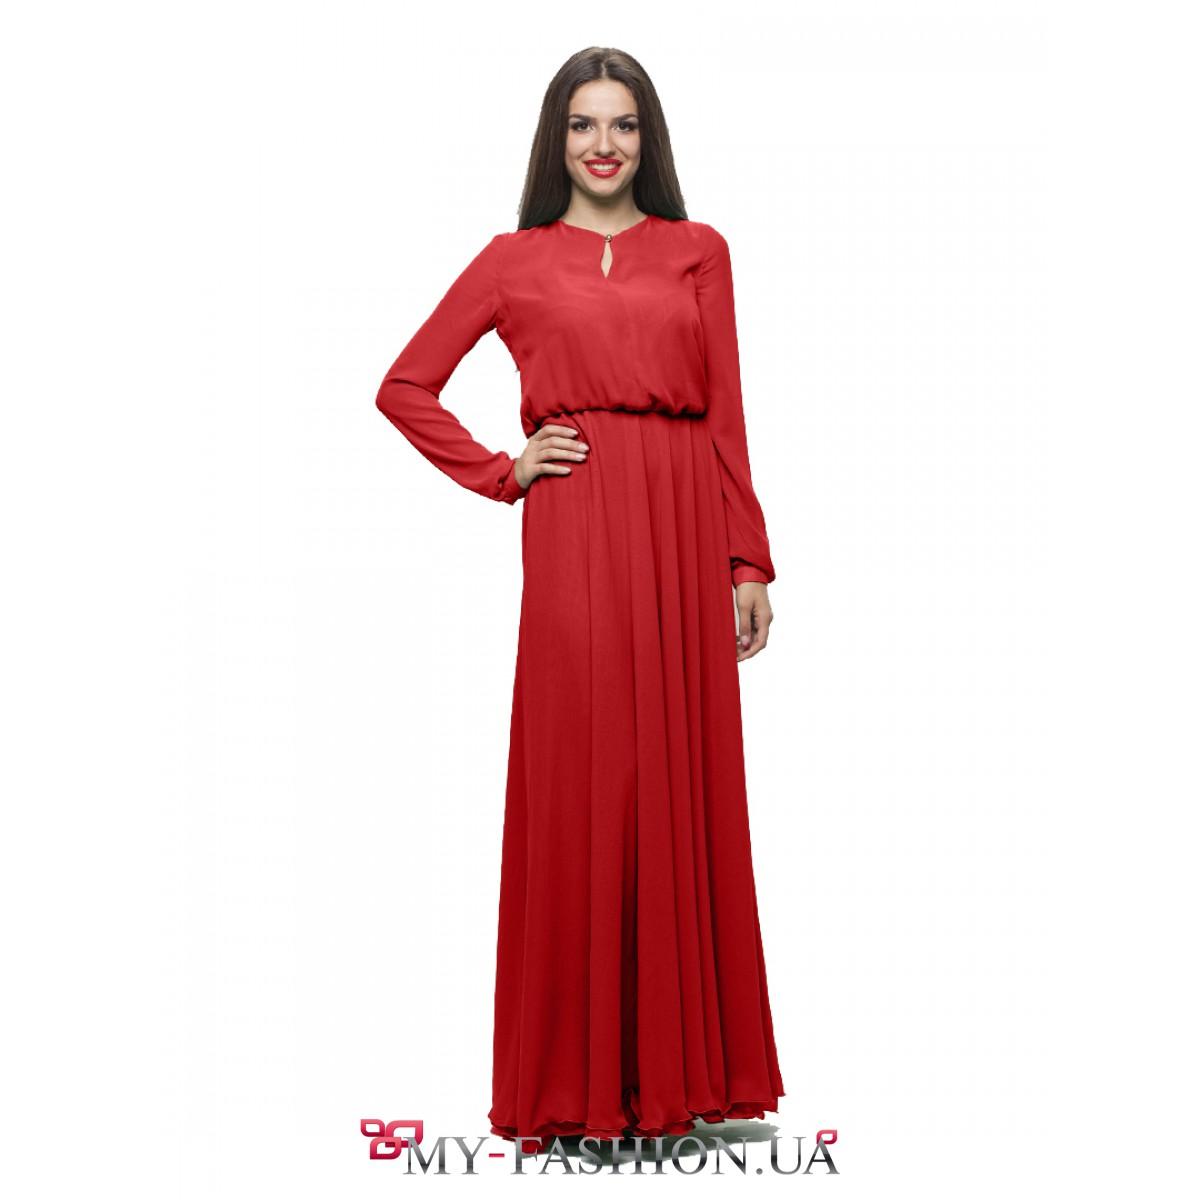 Платье next красное легкое